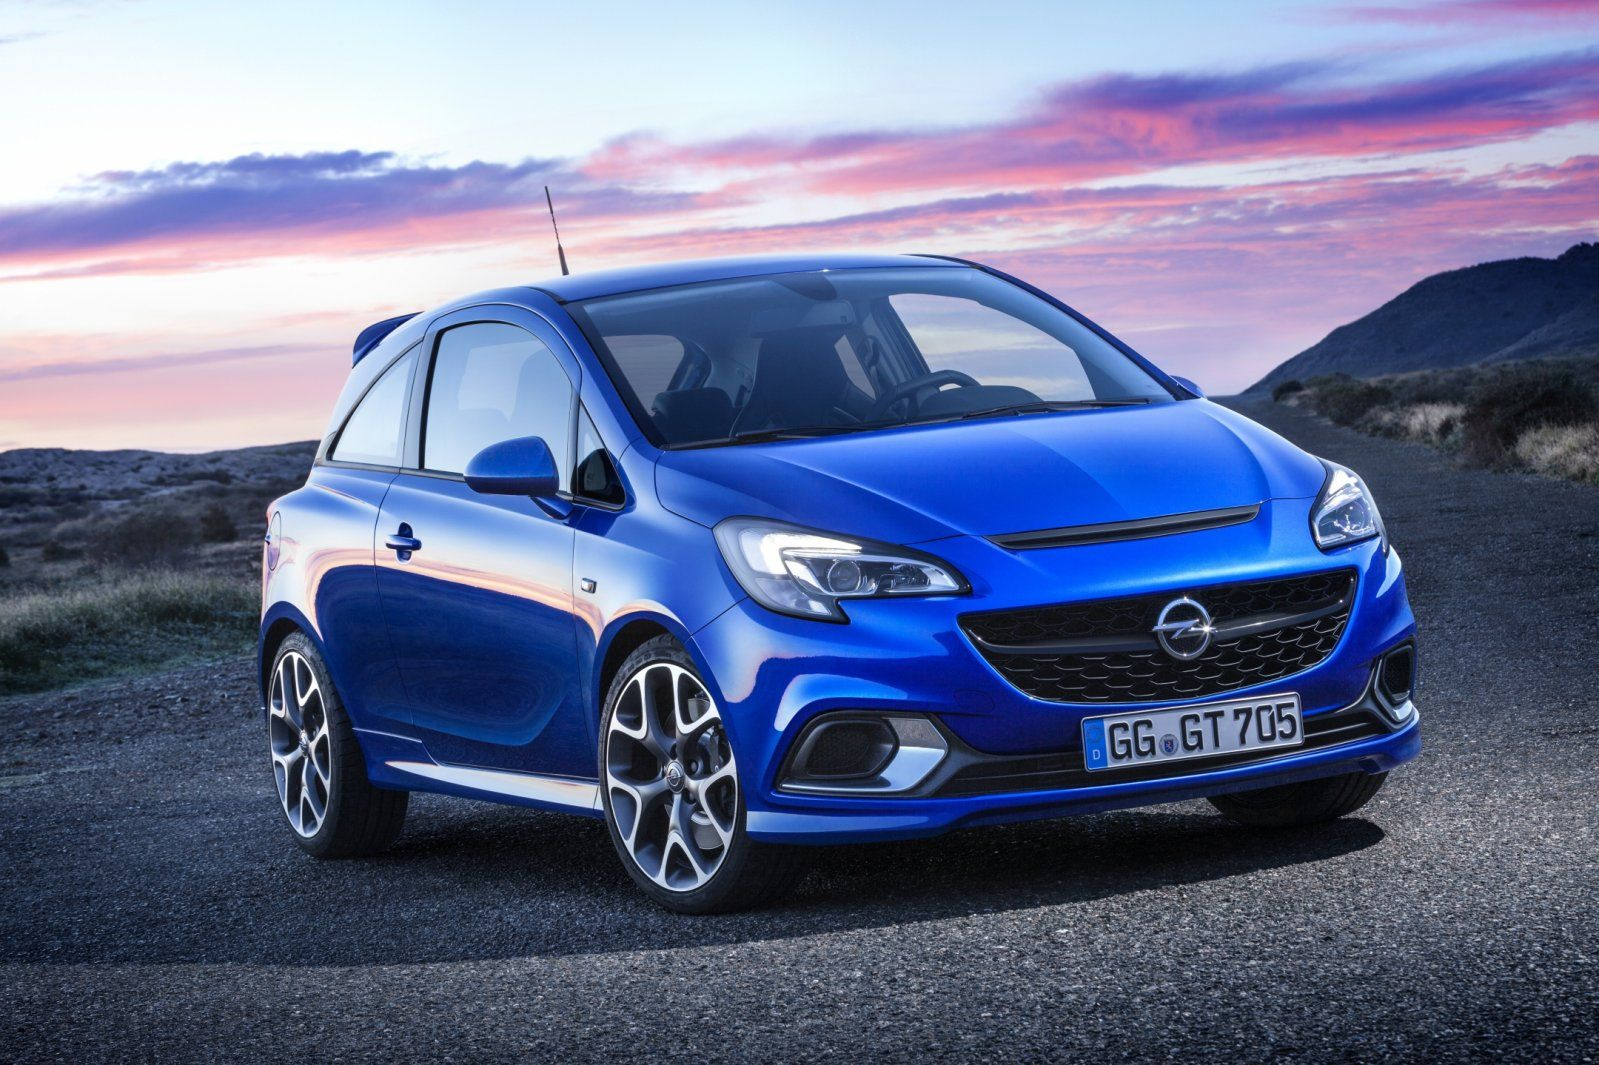 Afbeeldingsresultaat Voor Opel Corsa Opc Mooie Foto Modelauto Geneve Blauw